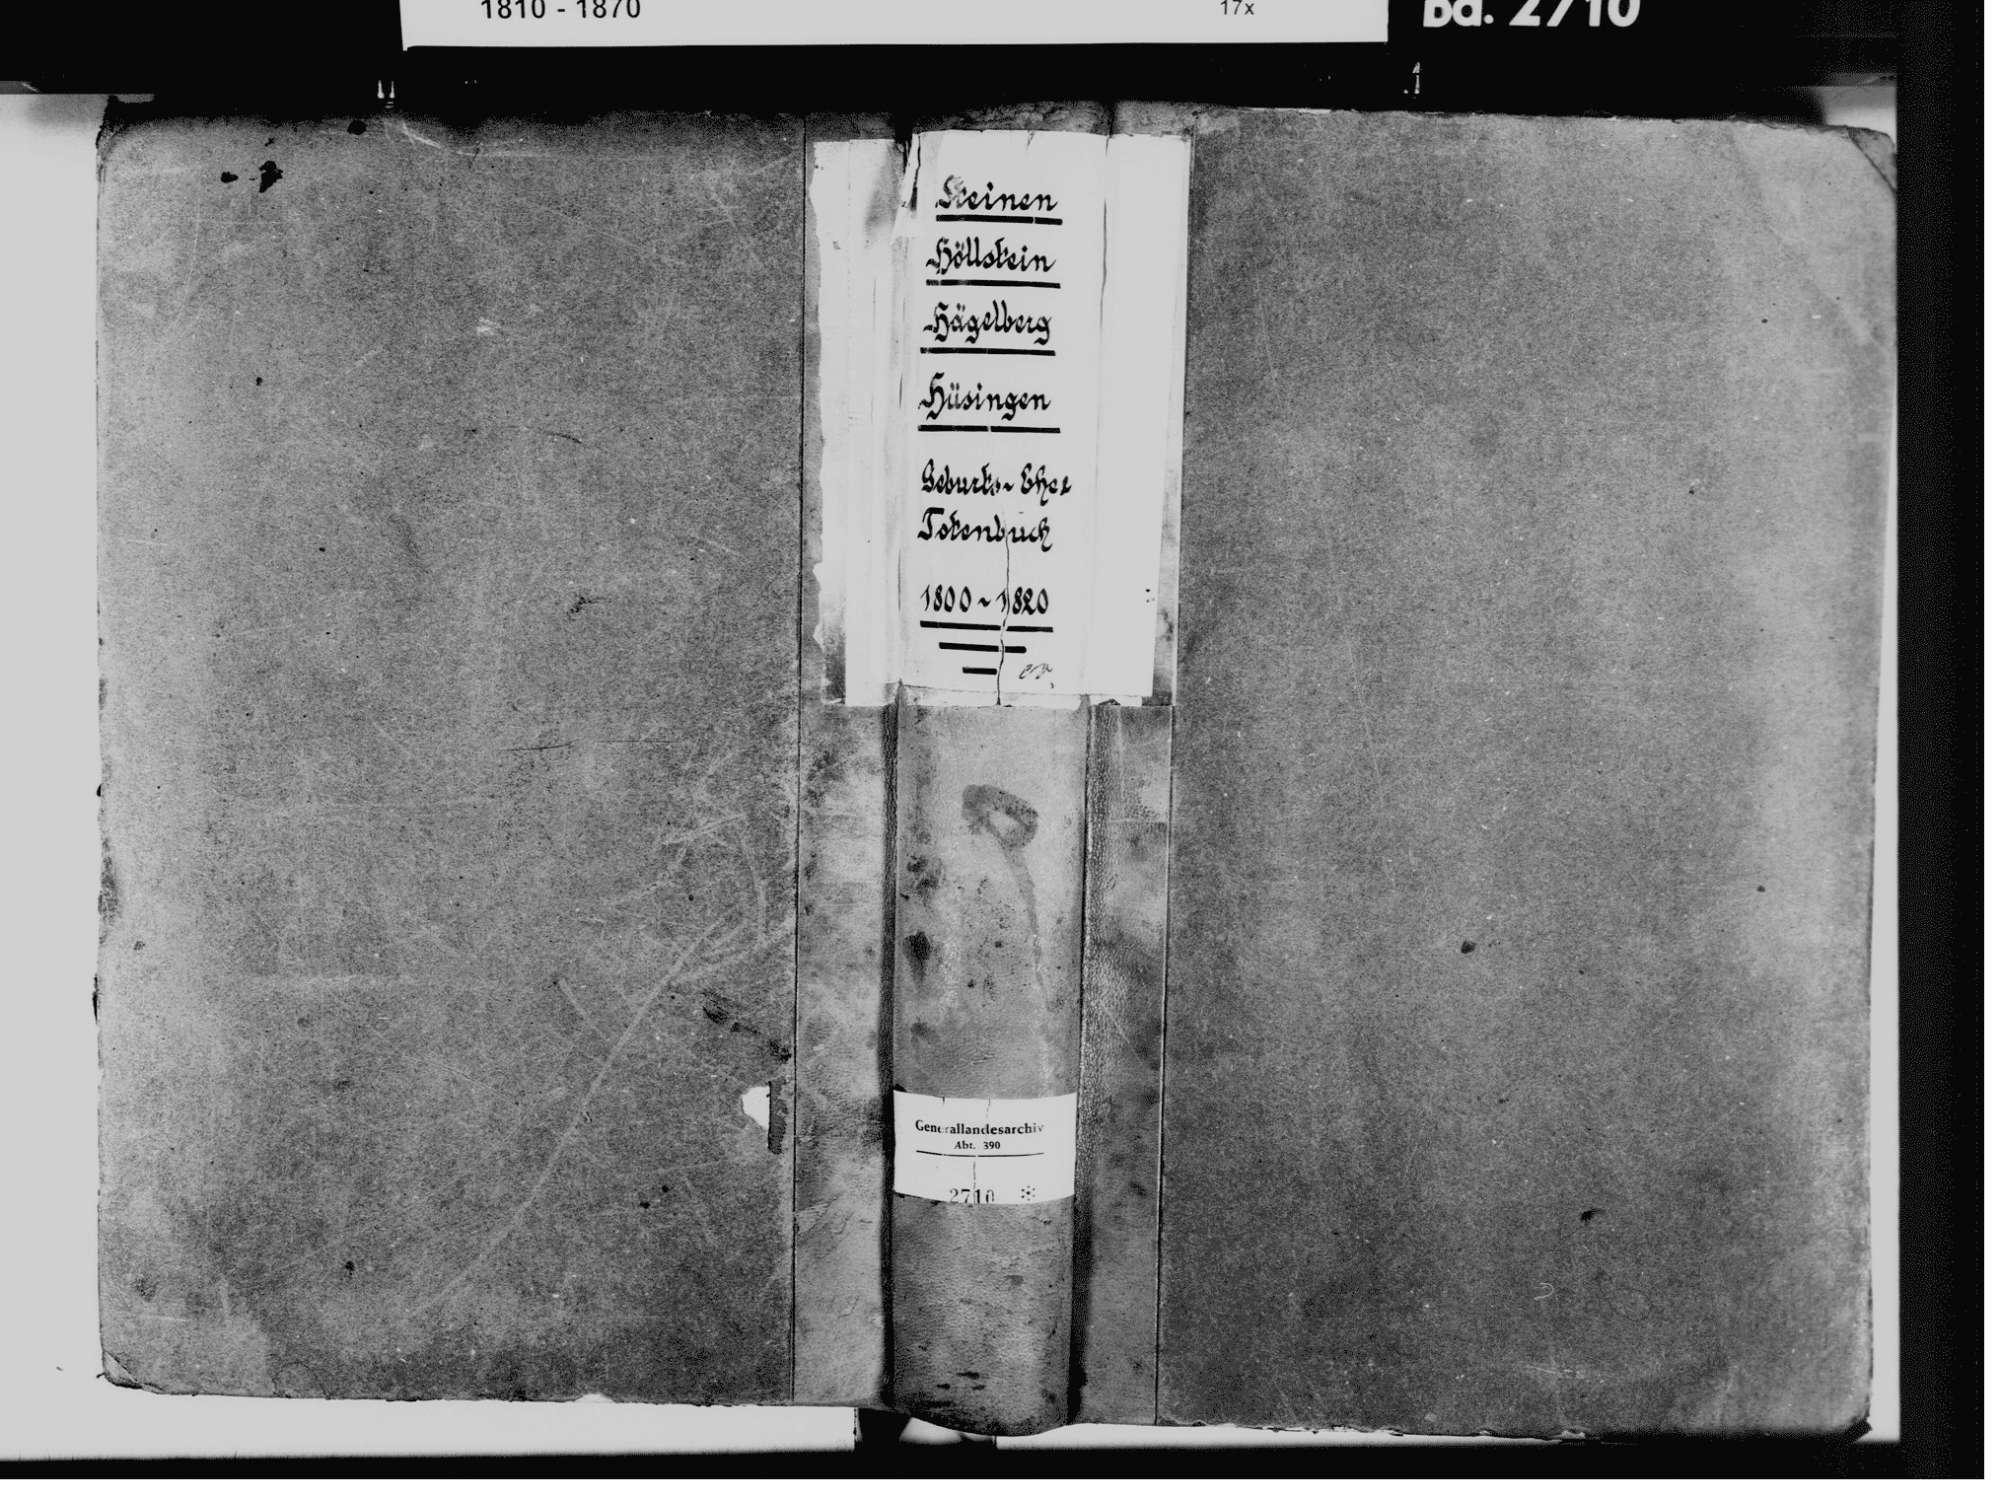 Steinen LÖ; Evangelische Gemeinde: Standesbuch 1800-1820 Enthält: Einzelne Katholische Einträge, Bild 2